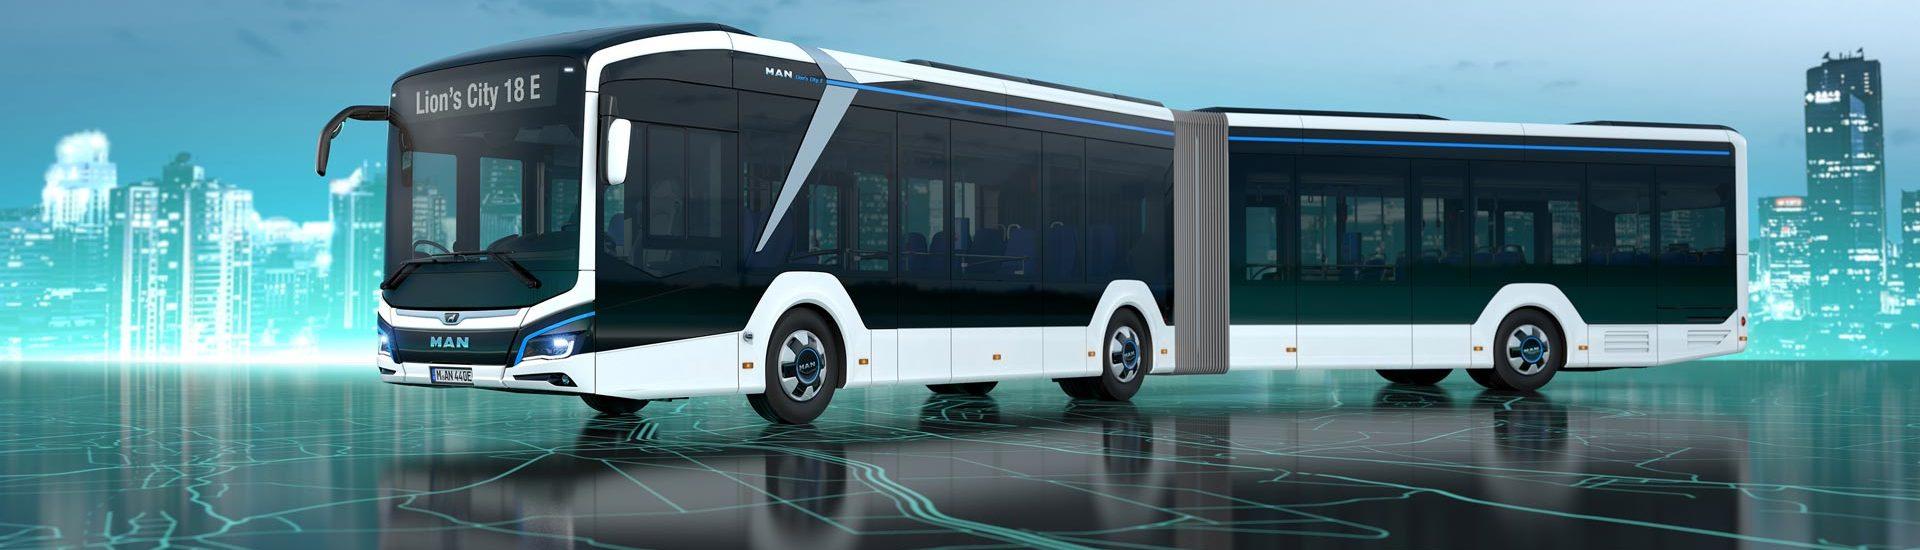 MAN презентує новий електричний автобус MAN Lion's City 18E